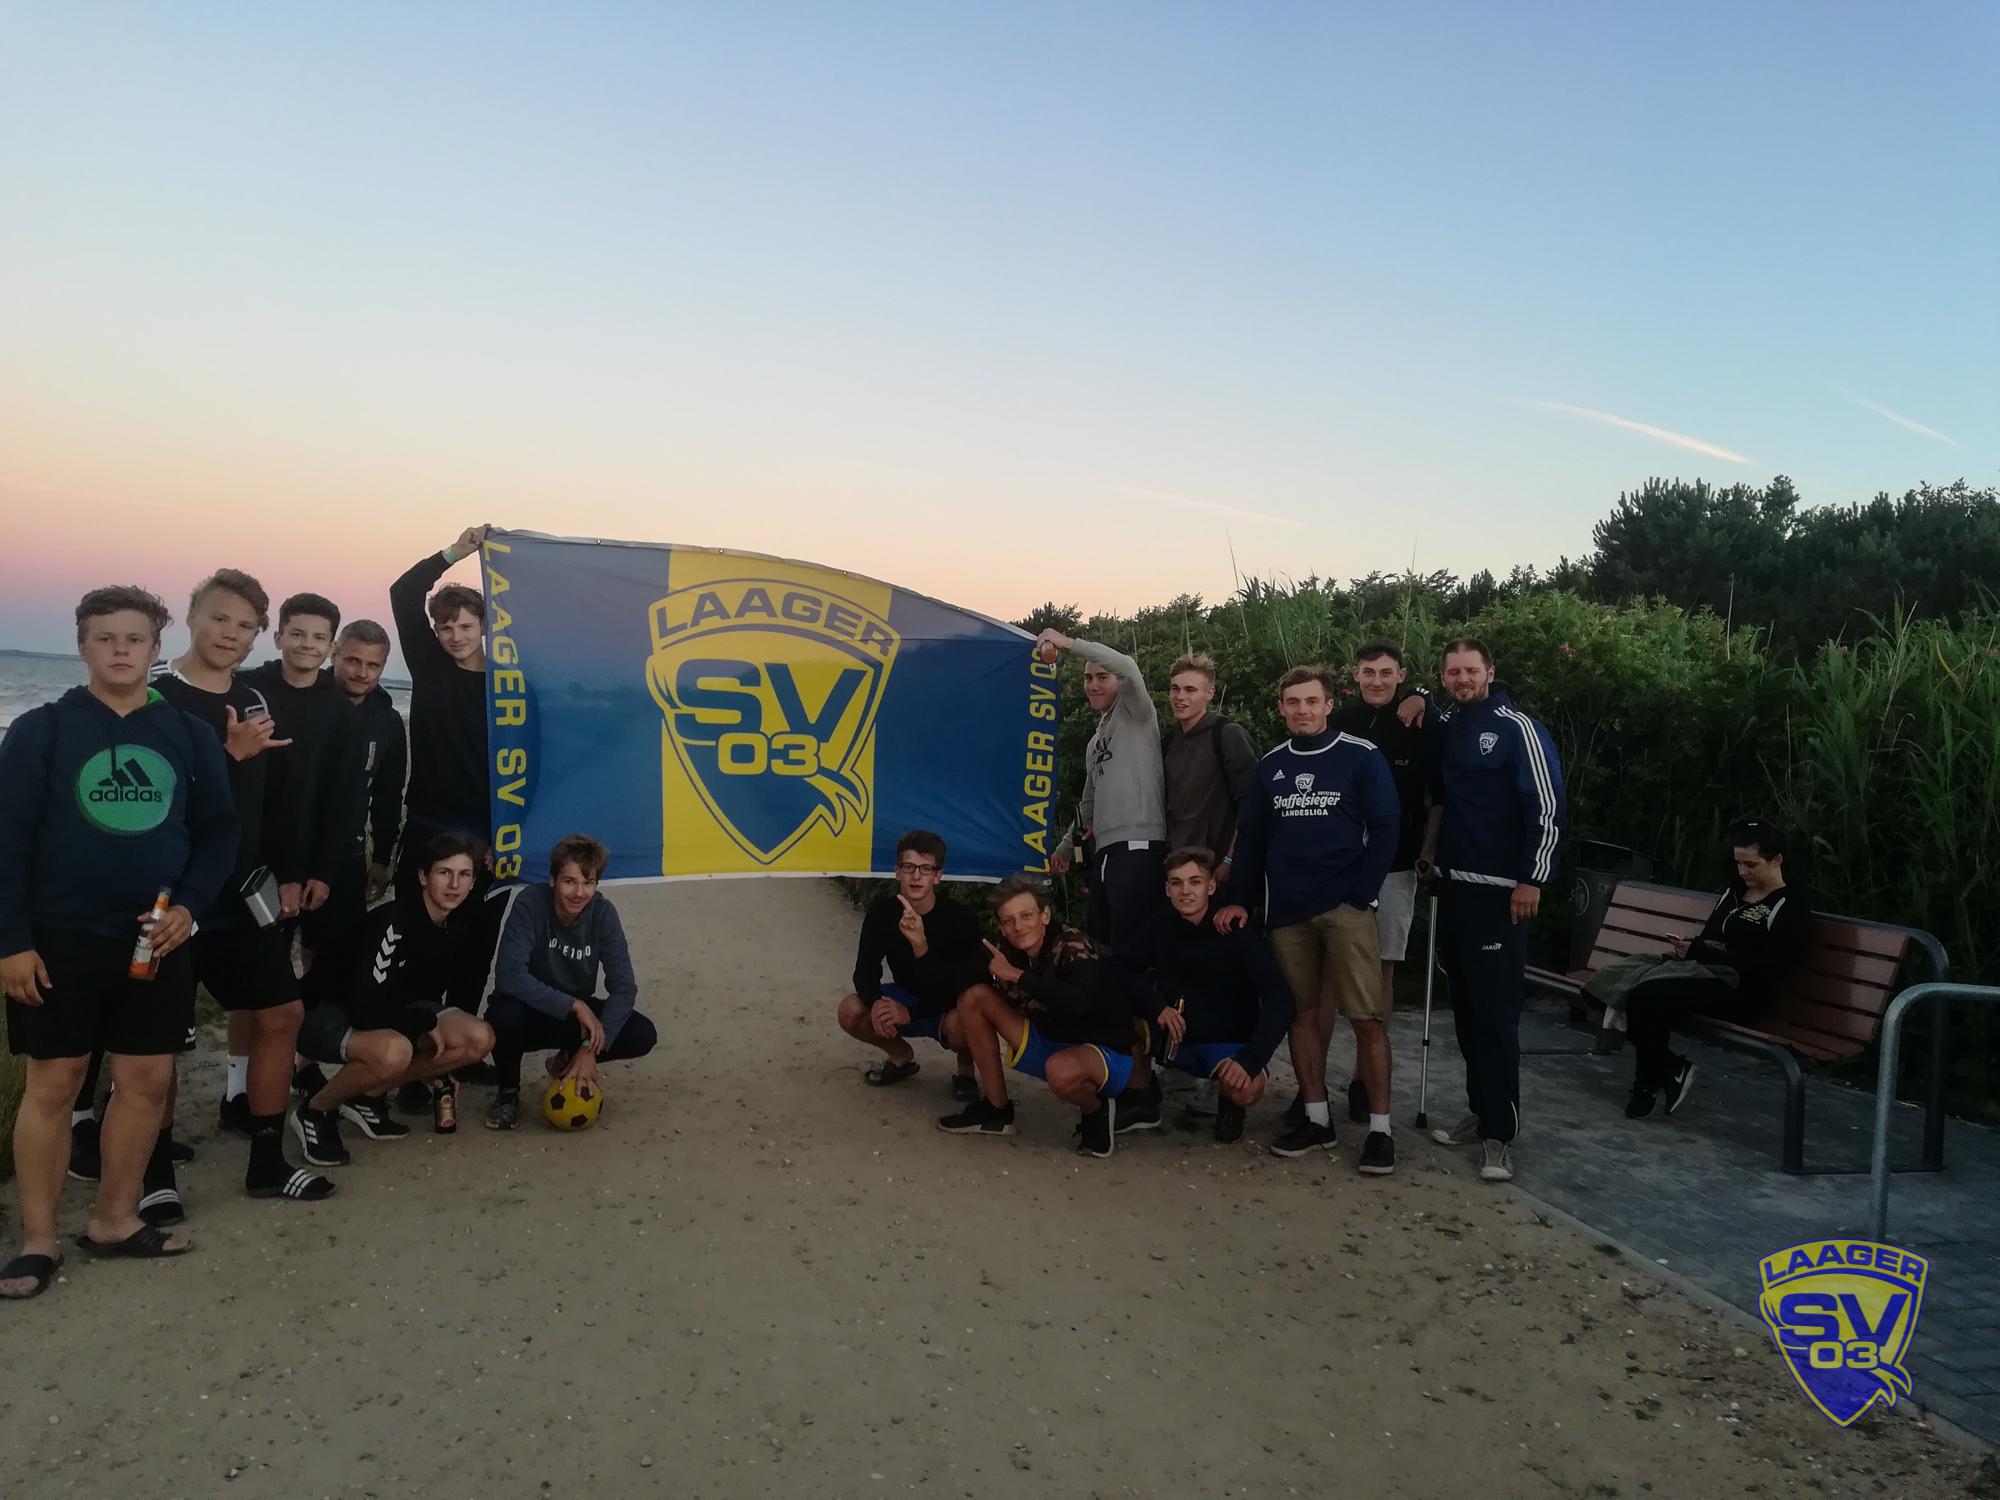 20180629 Laager SV 03 B - Beach-Soccer-Turnier  (40).jpg